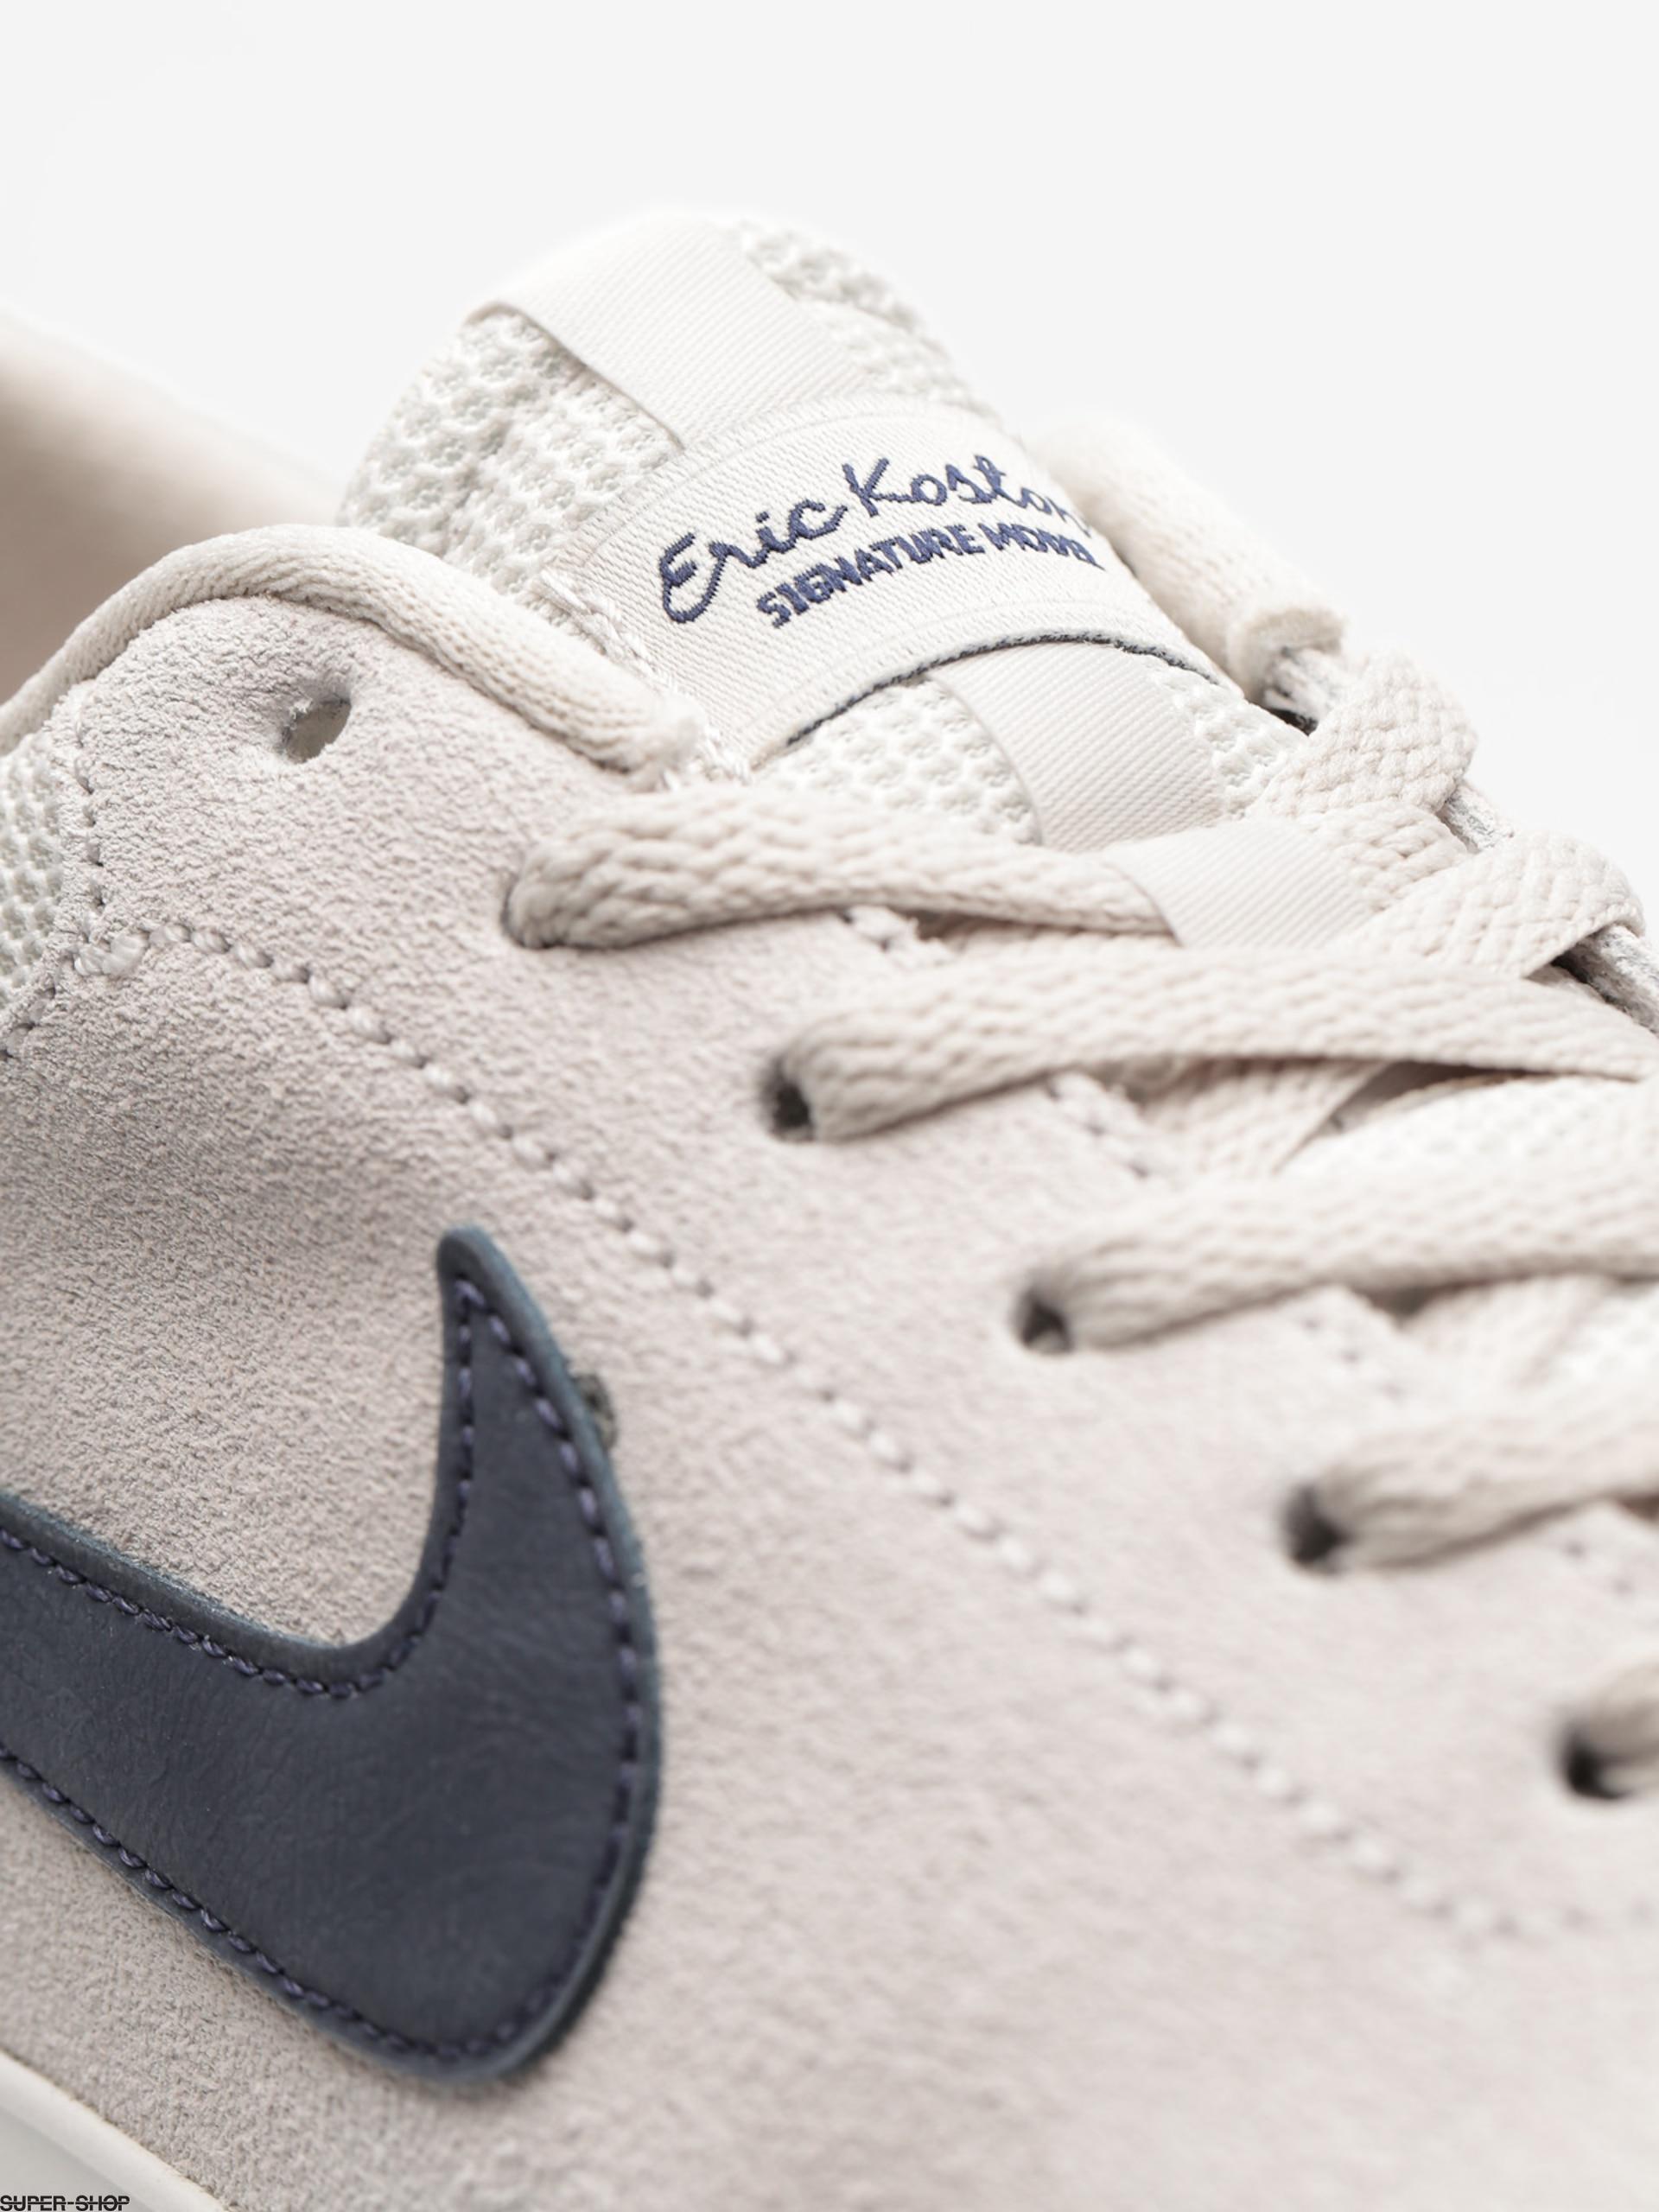 cbf643d916d20f Nike SB Shoes Hypervulc Eric Koston (light bone thunder blue lemon wash)